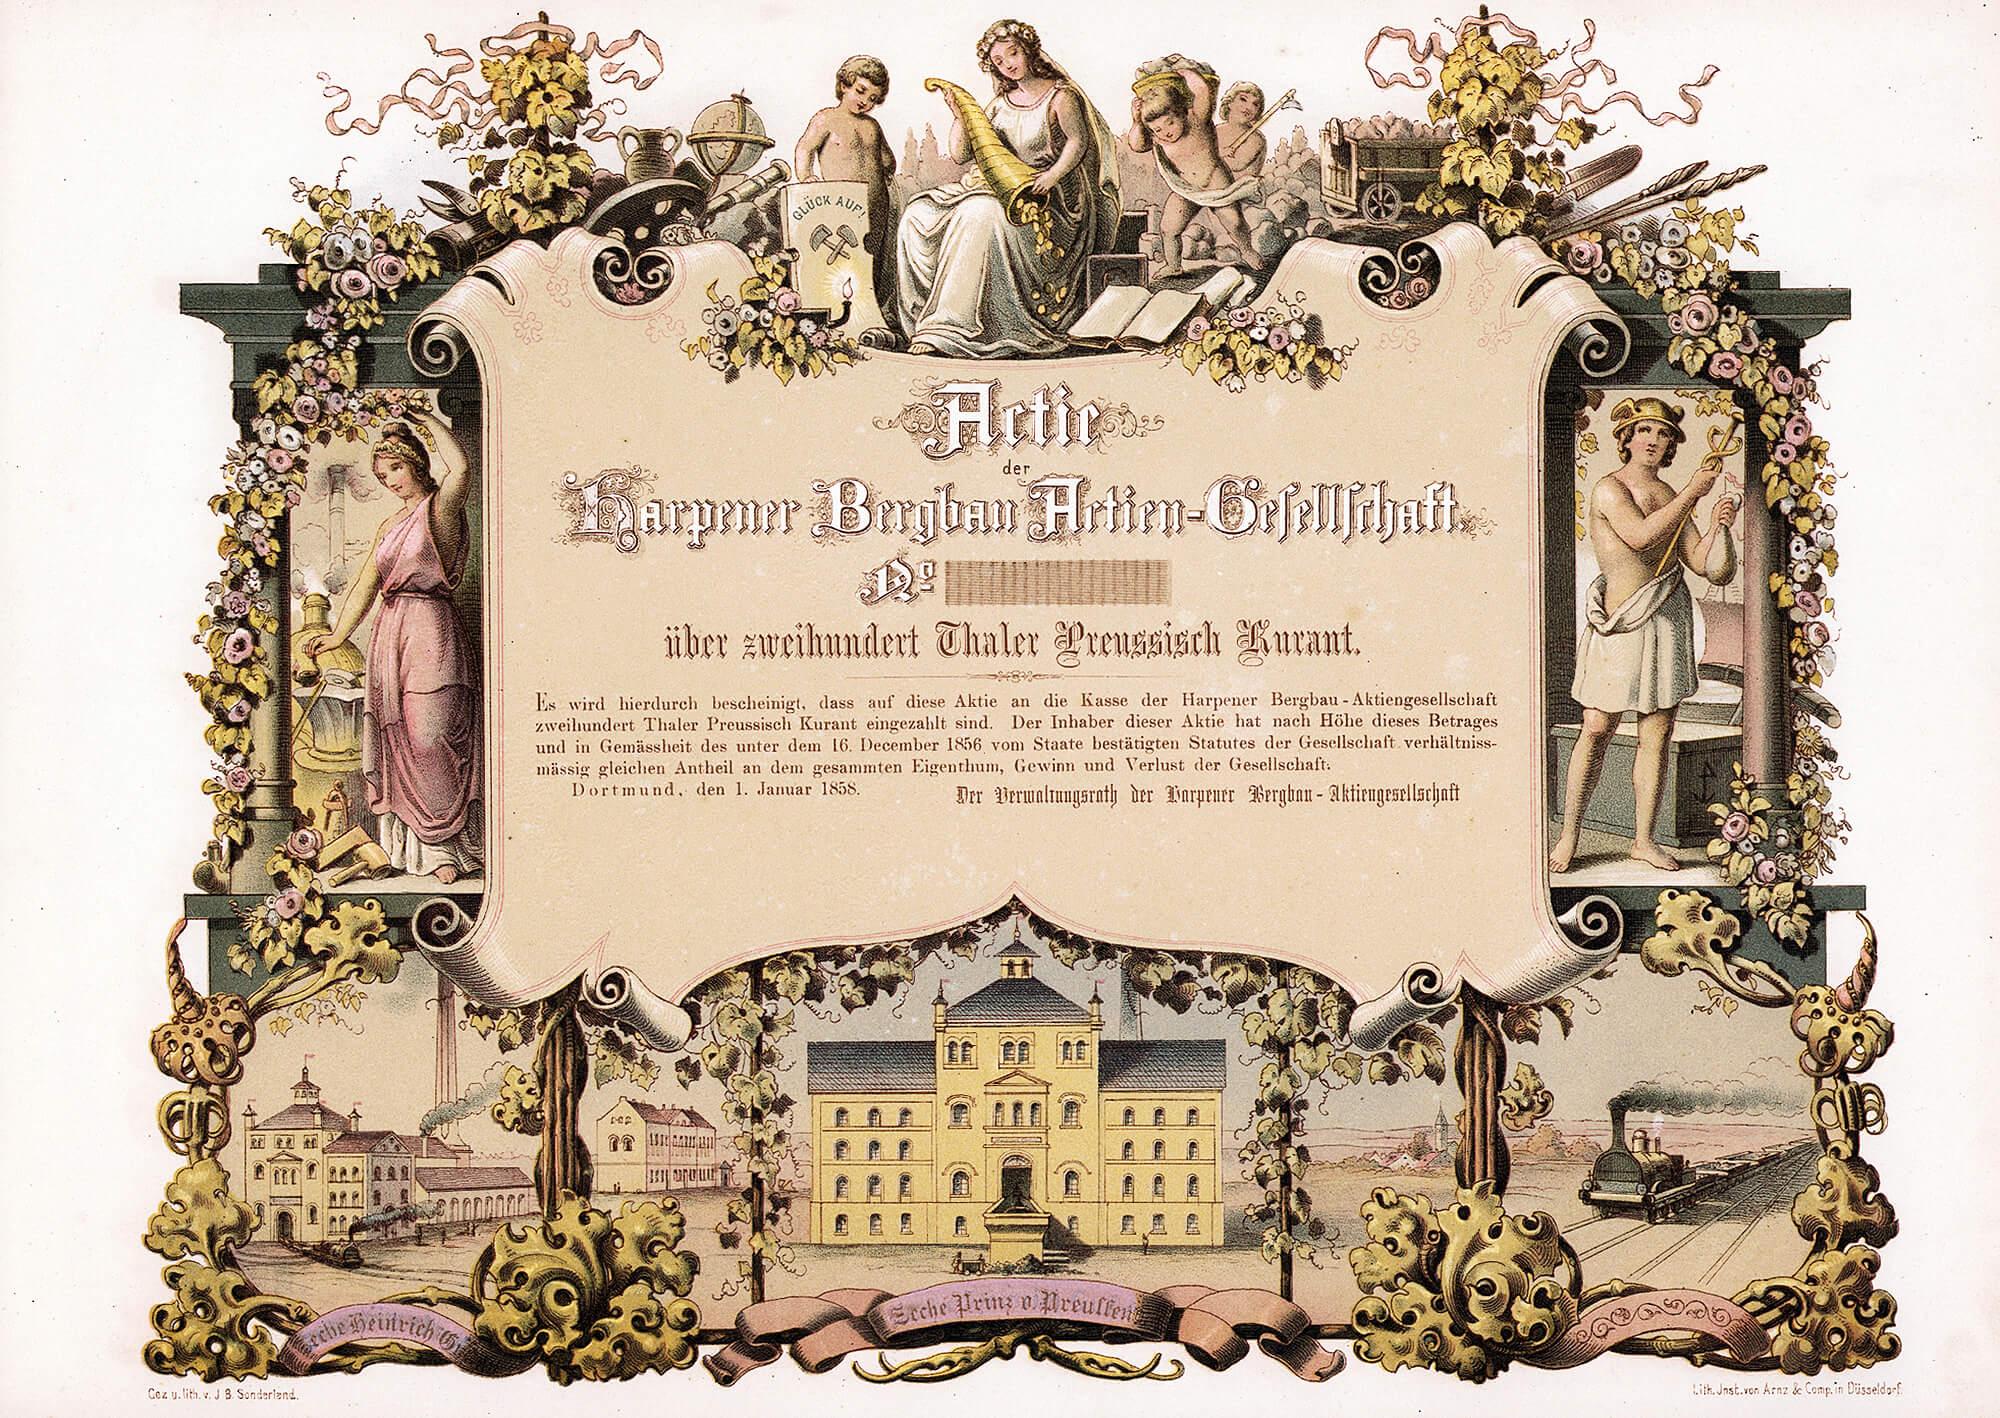 Harpener Bergbau AG, Dortmund, Blankette der Gründeraktie über 200 Taler aus dem Jahr 1858. Initiator war der Dortmunder Arzt Friedrich Wilhelm Müser, dessen Vorfahren sich bereits im 18. Jahrhundert um den Steinkohlenbergbau bemüht hatten. Noch im Gründungsjahr wurde mit dem Aufbau der Zechen Prinz von Preußen bei Bochum-Werne und Heinrich Gustav bei Altenbochum begonnen.